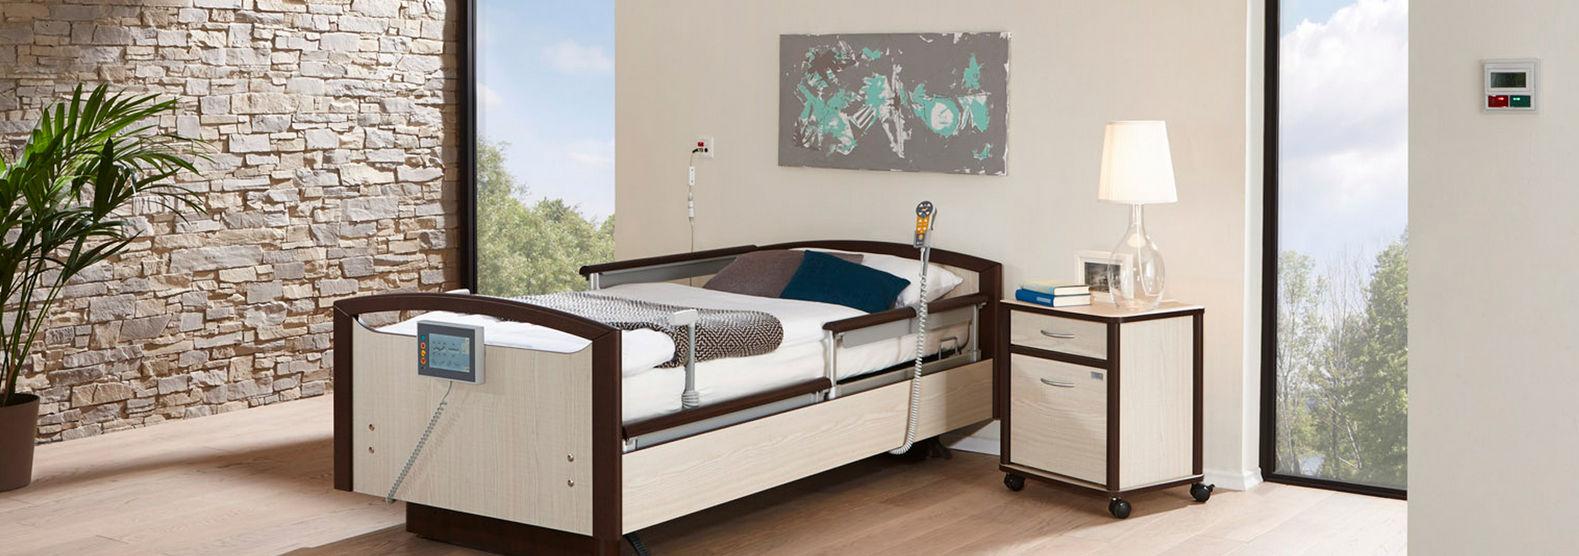 Superior Langzeitpflege Bett / Elektrisch / Mit Trendelenburg Lagerung /  Höhenverstellbar   Sentida 7 I